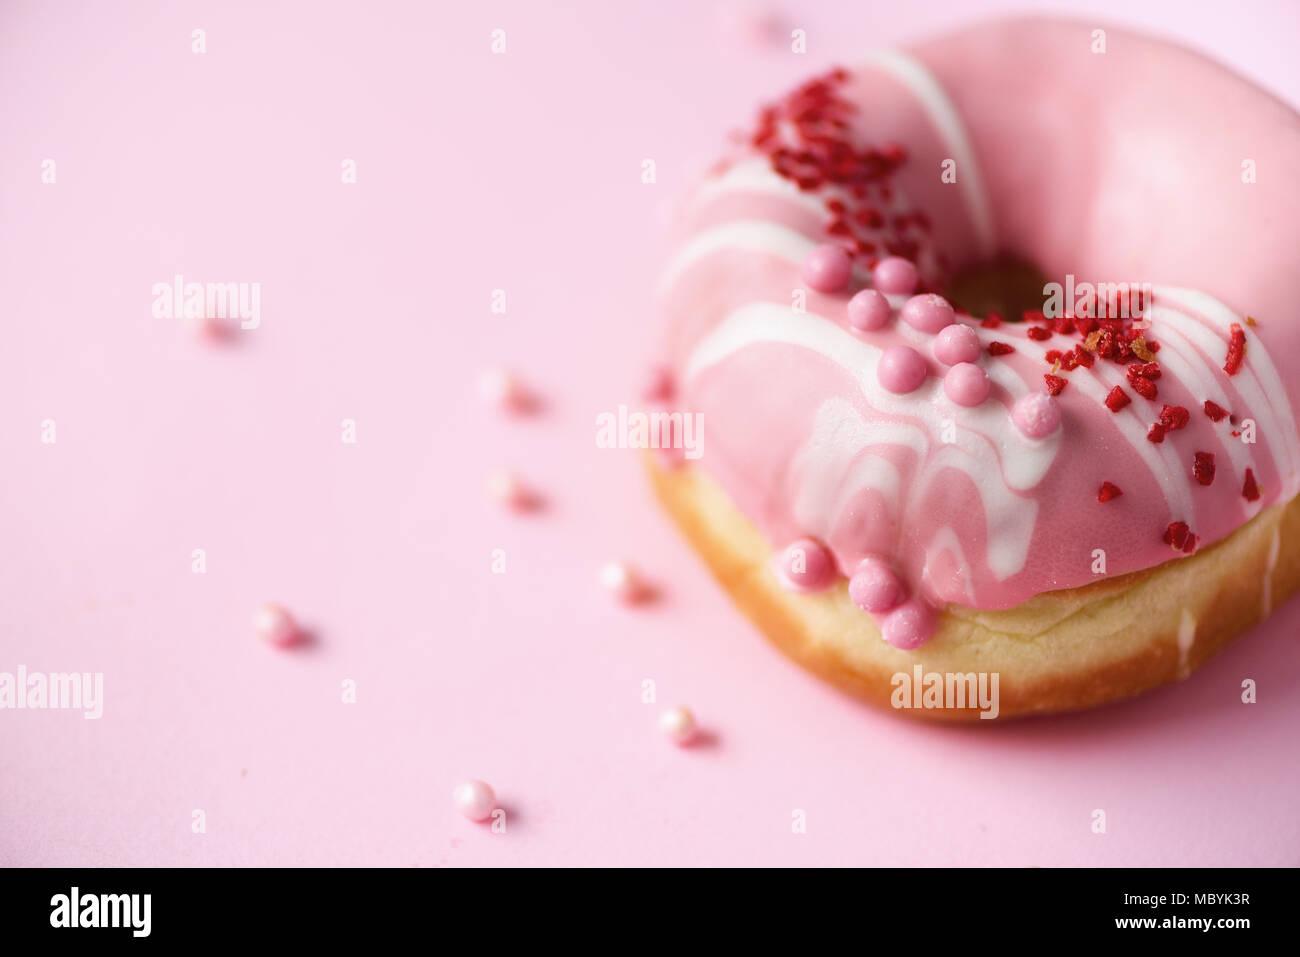 Dolce ciambella con glassa rosa su sfondo color pastello. Una gustosa ciambella sulla texture rosa, copia spazio, vista dall'alto Immagini Stock